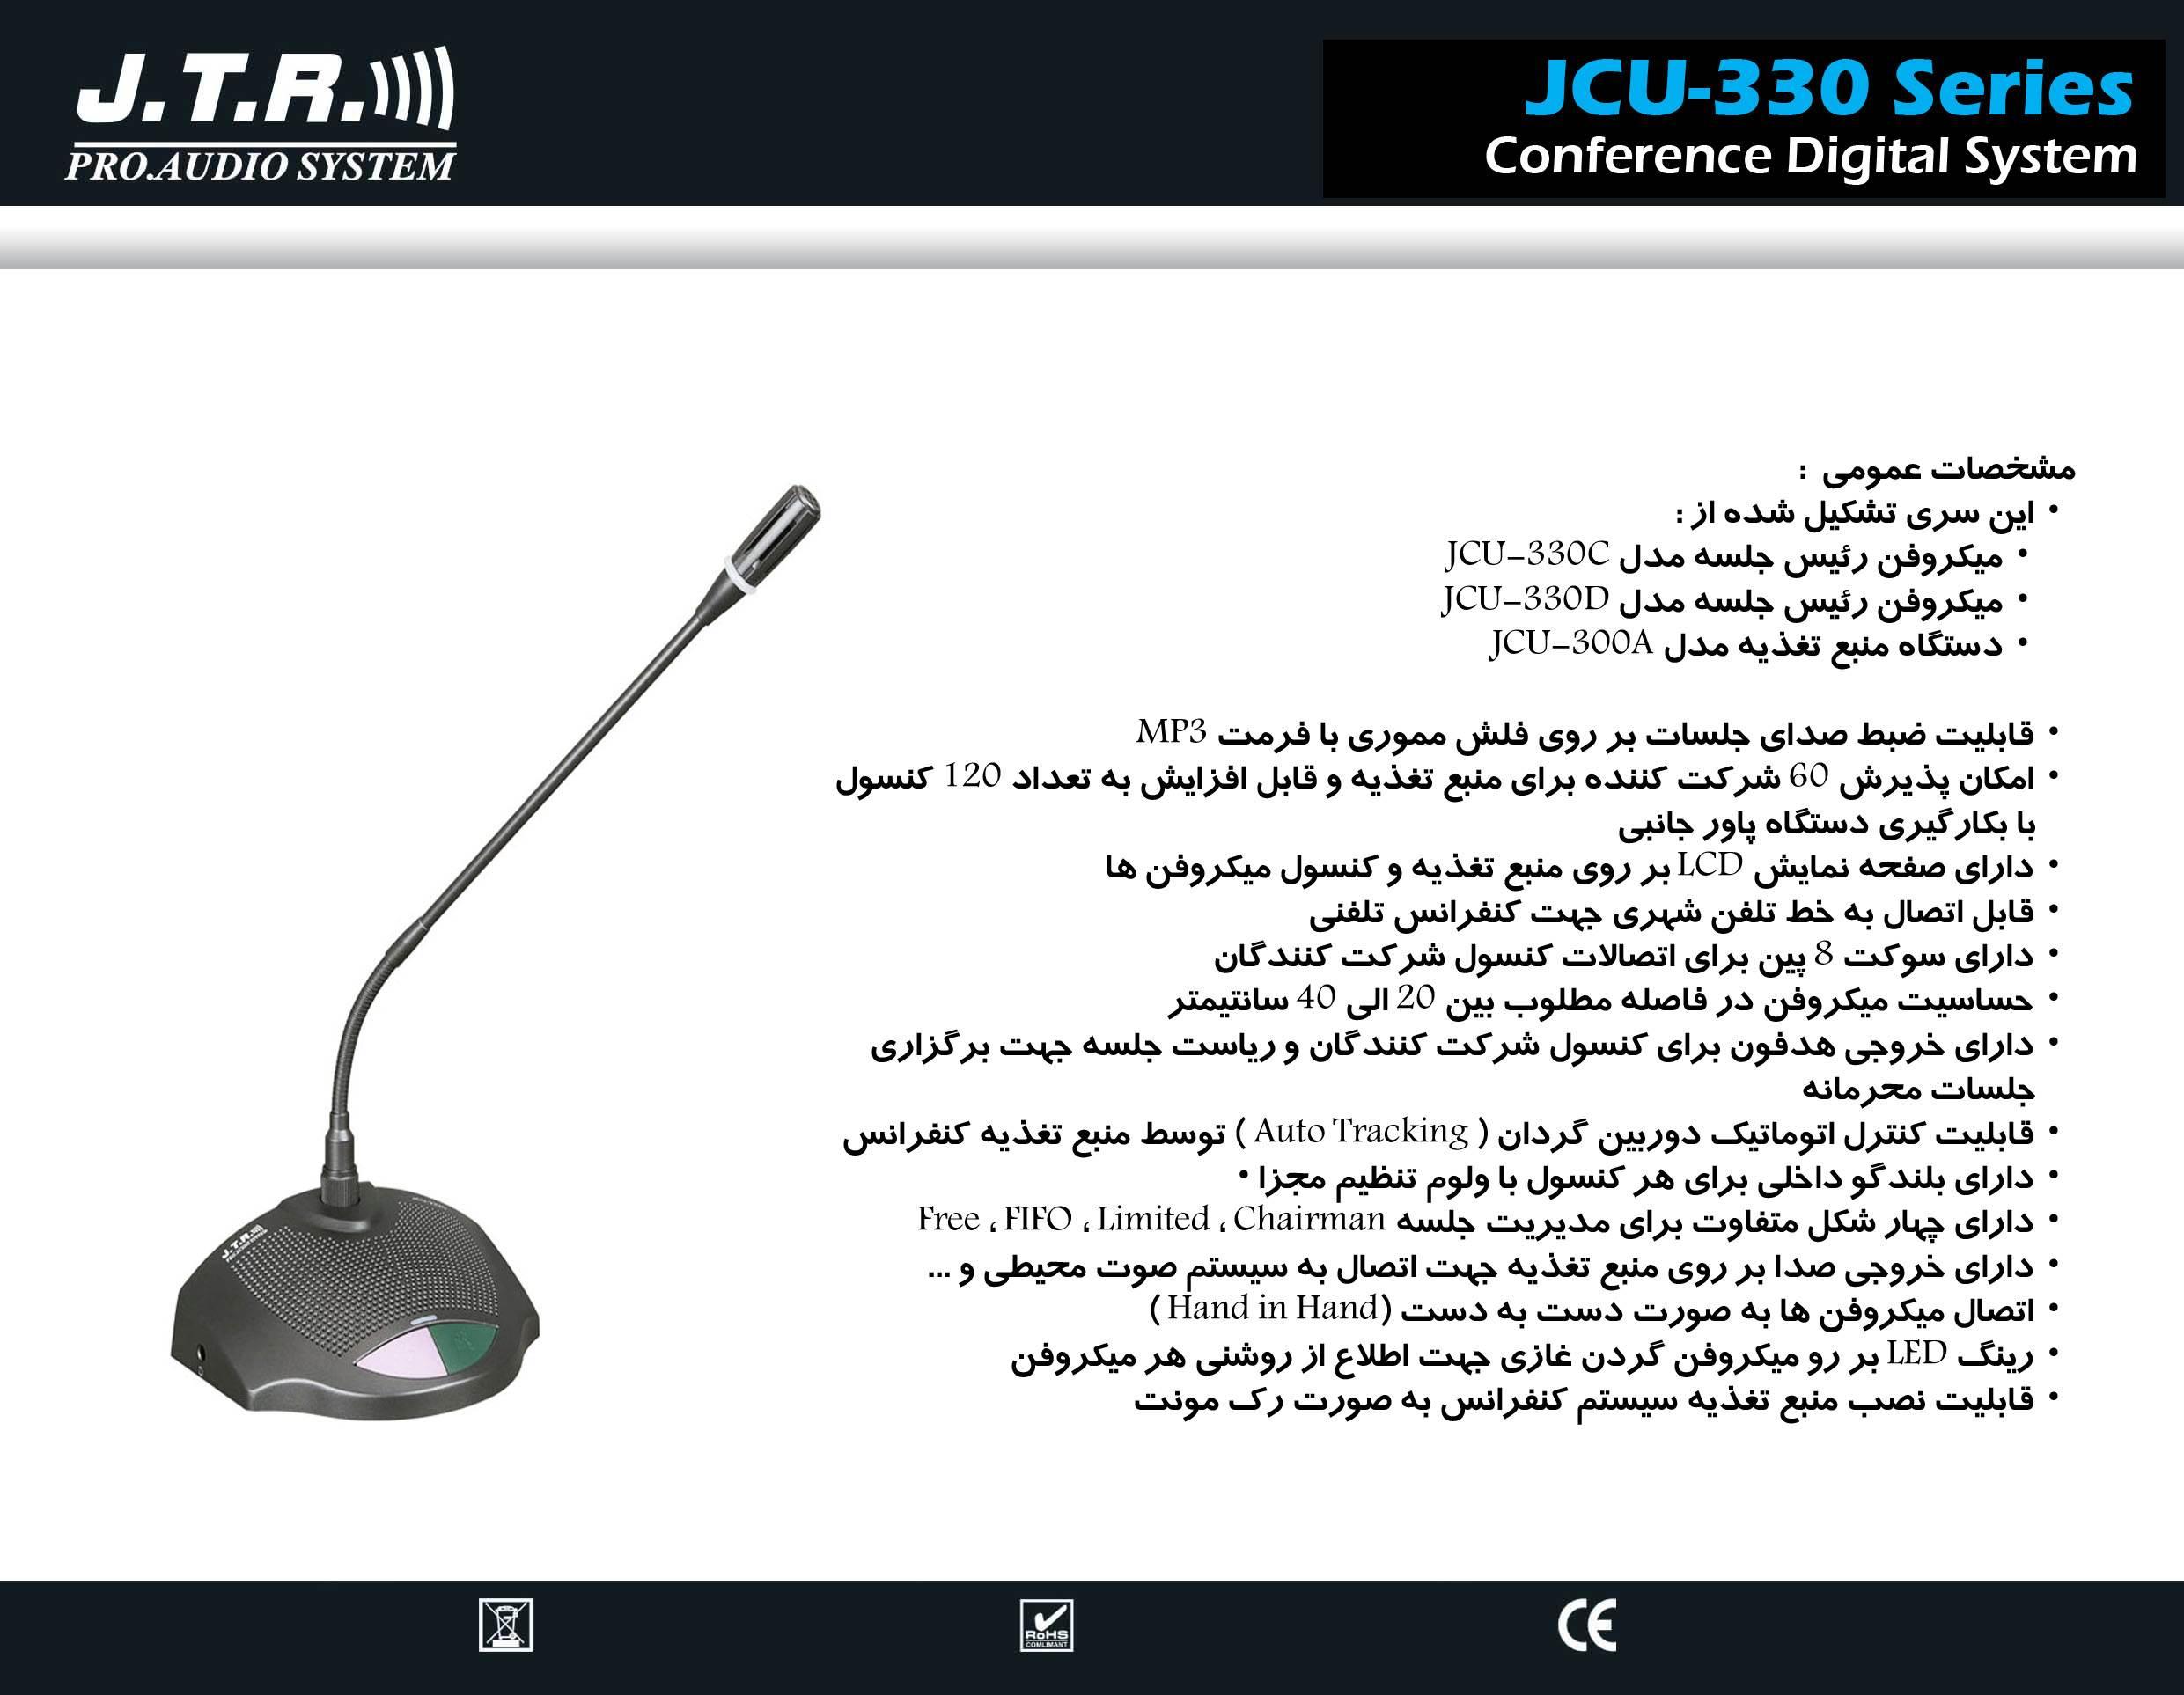 سیستم کنفرانس دیجیتال ساخت کمپانی JTR ( جی تی آر ) سری JCU-330